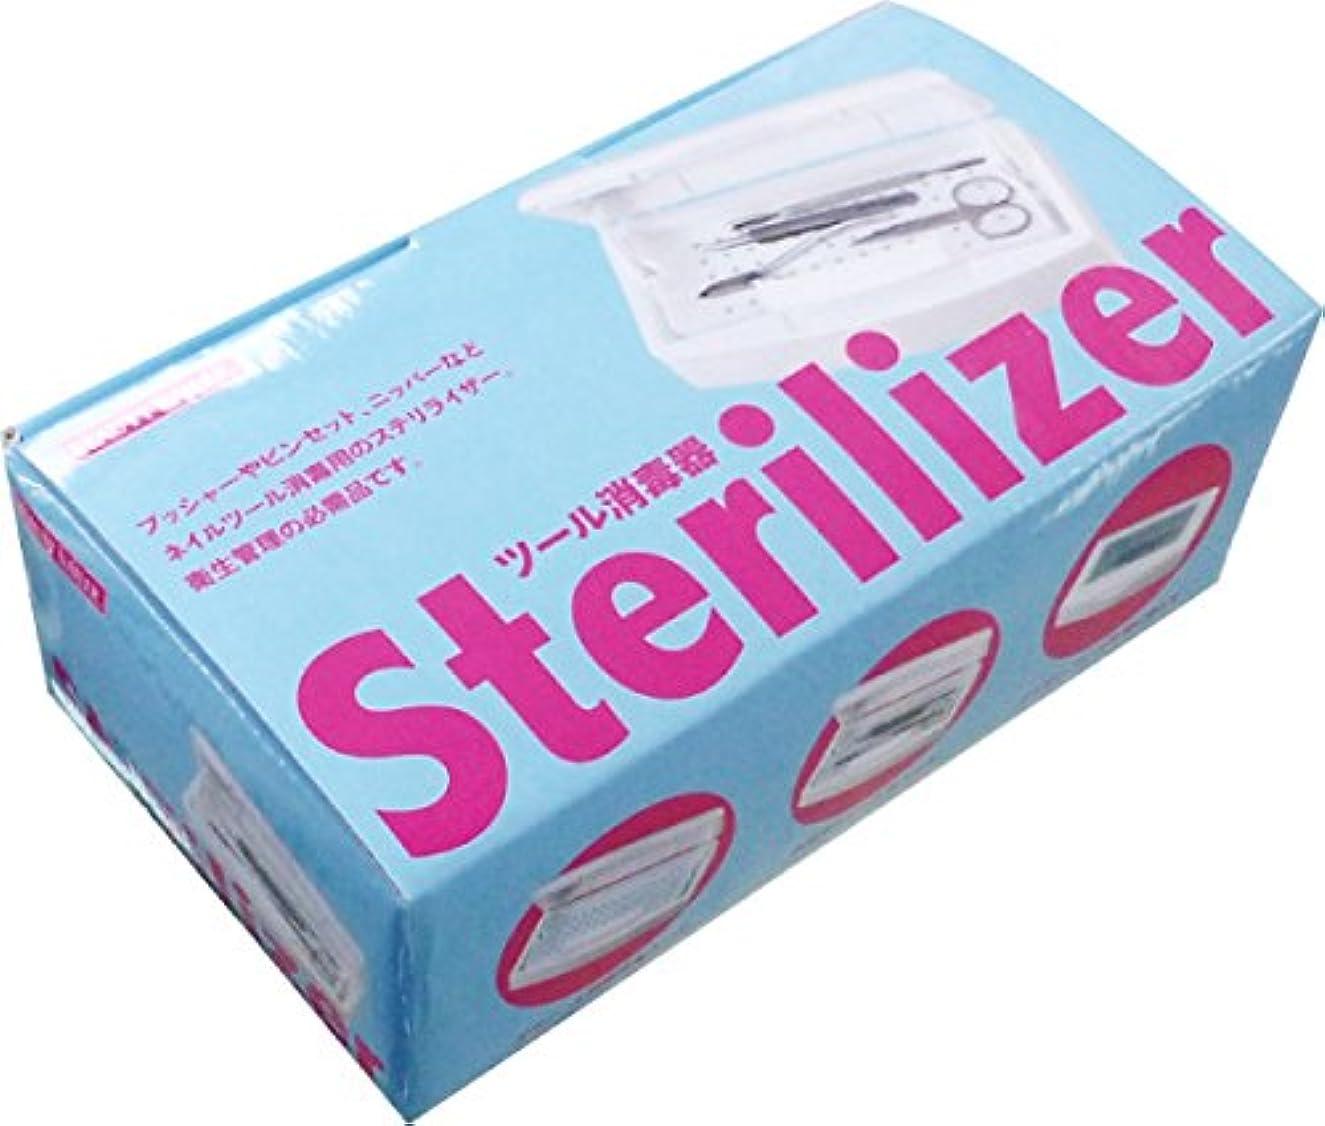 憤る起訴するうまくやる()ビューティーネイラー ステリライザー ツール消毒器 STE-1